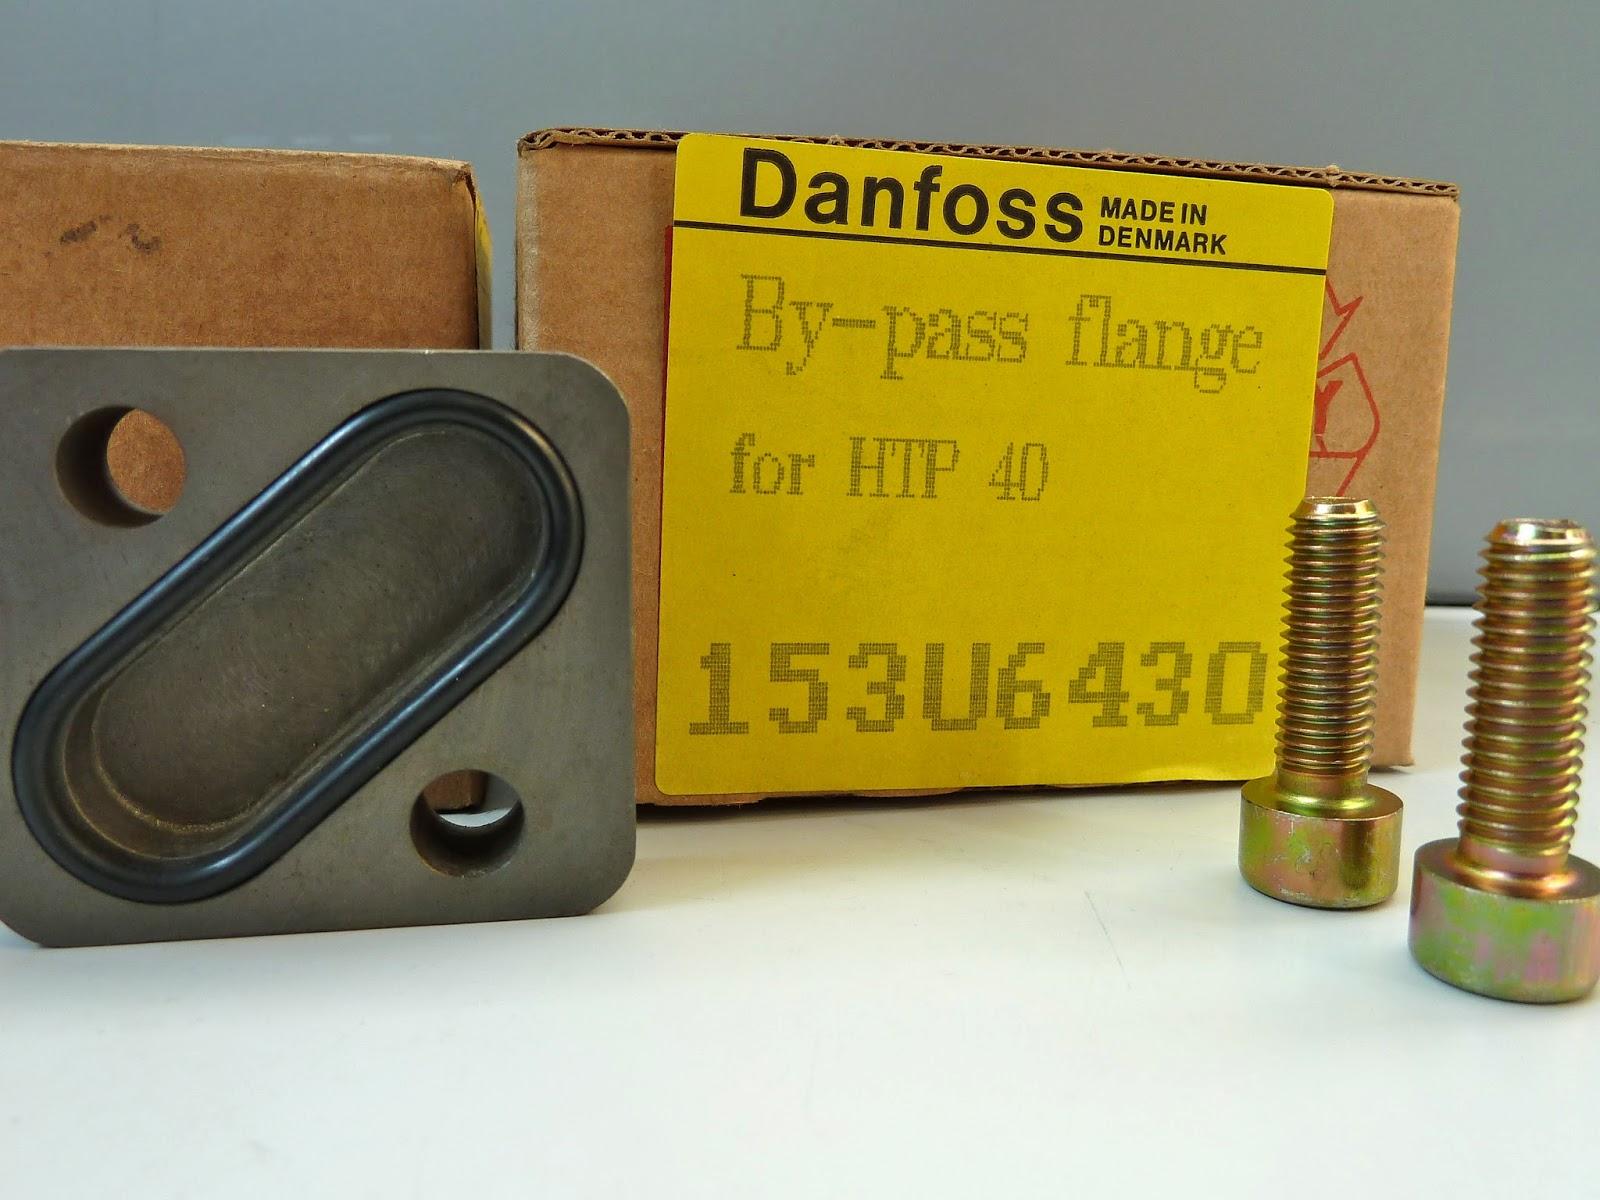 Danfoss 153U6430